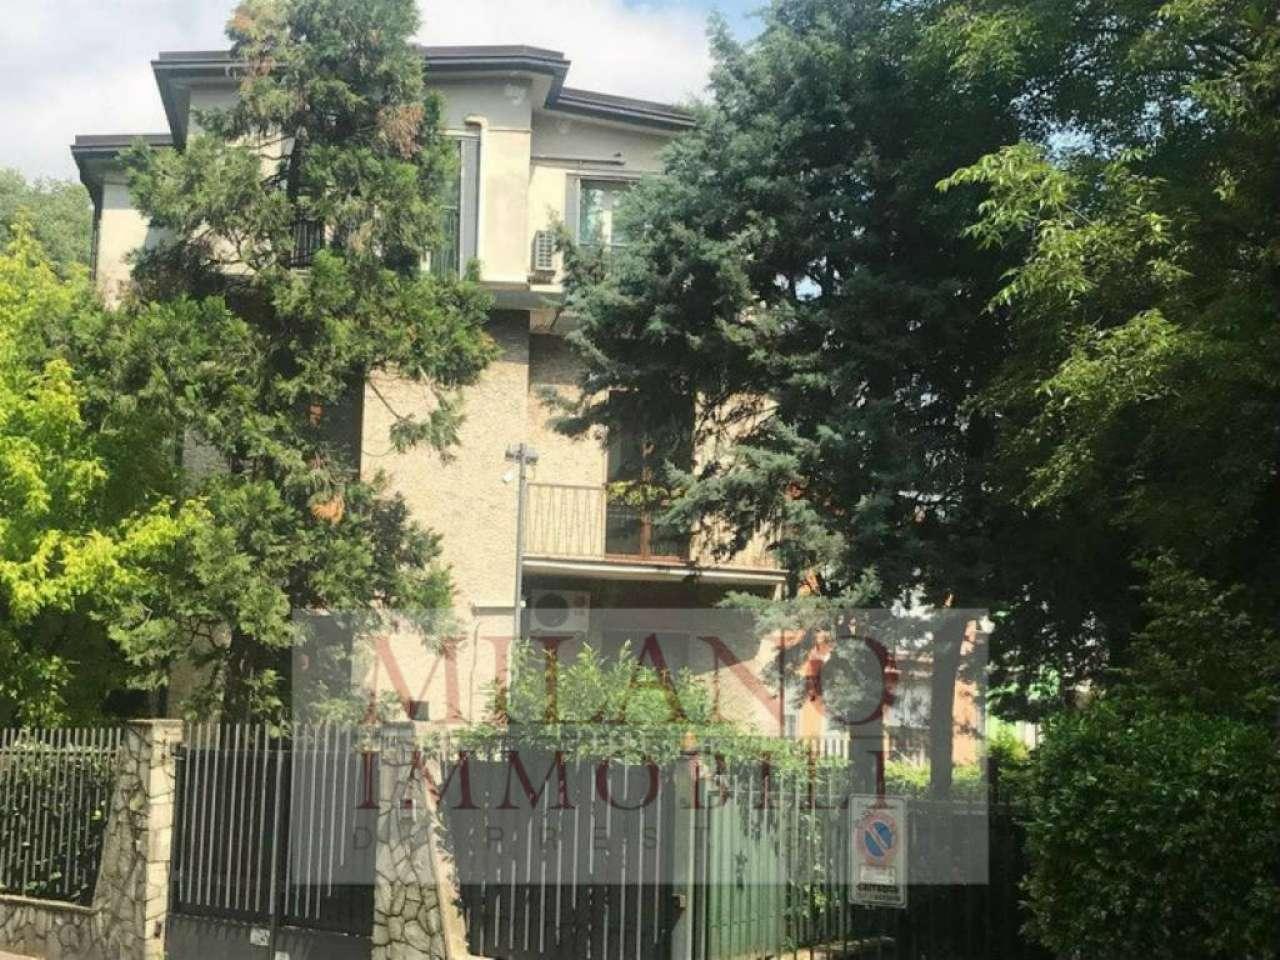 Ufficio-studio in Affitto a Milano 18 Ippodromo / San Siro / Zavattari: 5 locali, 180 mq